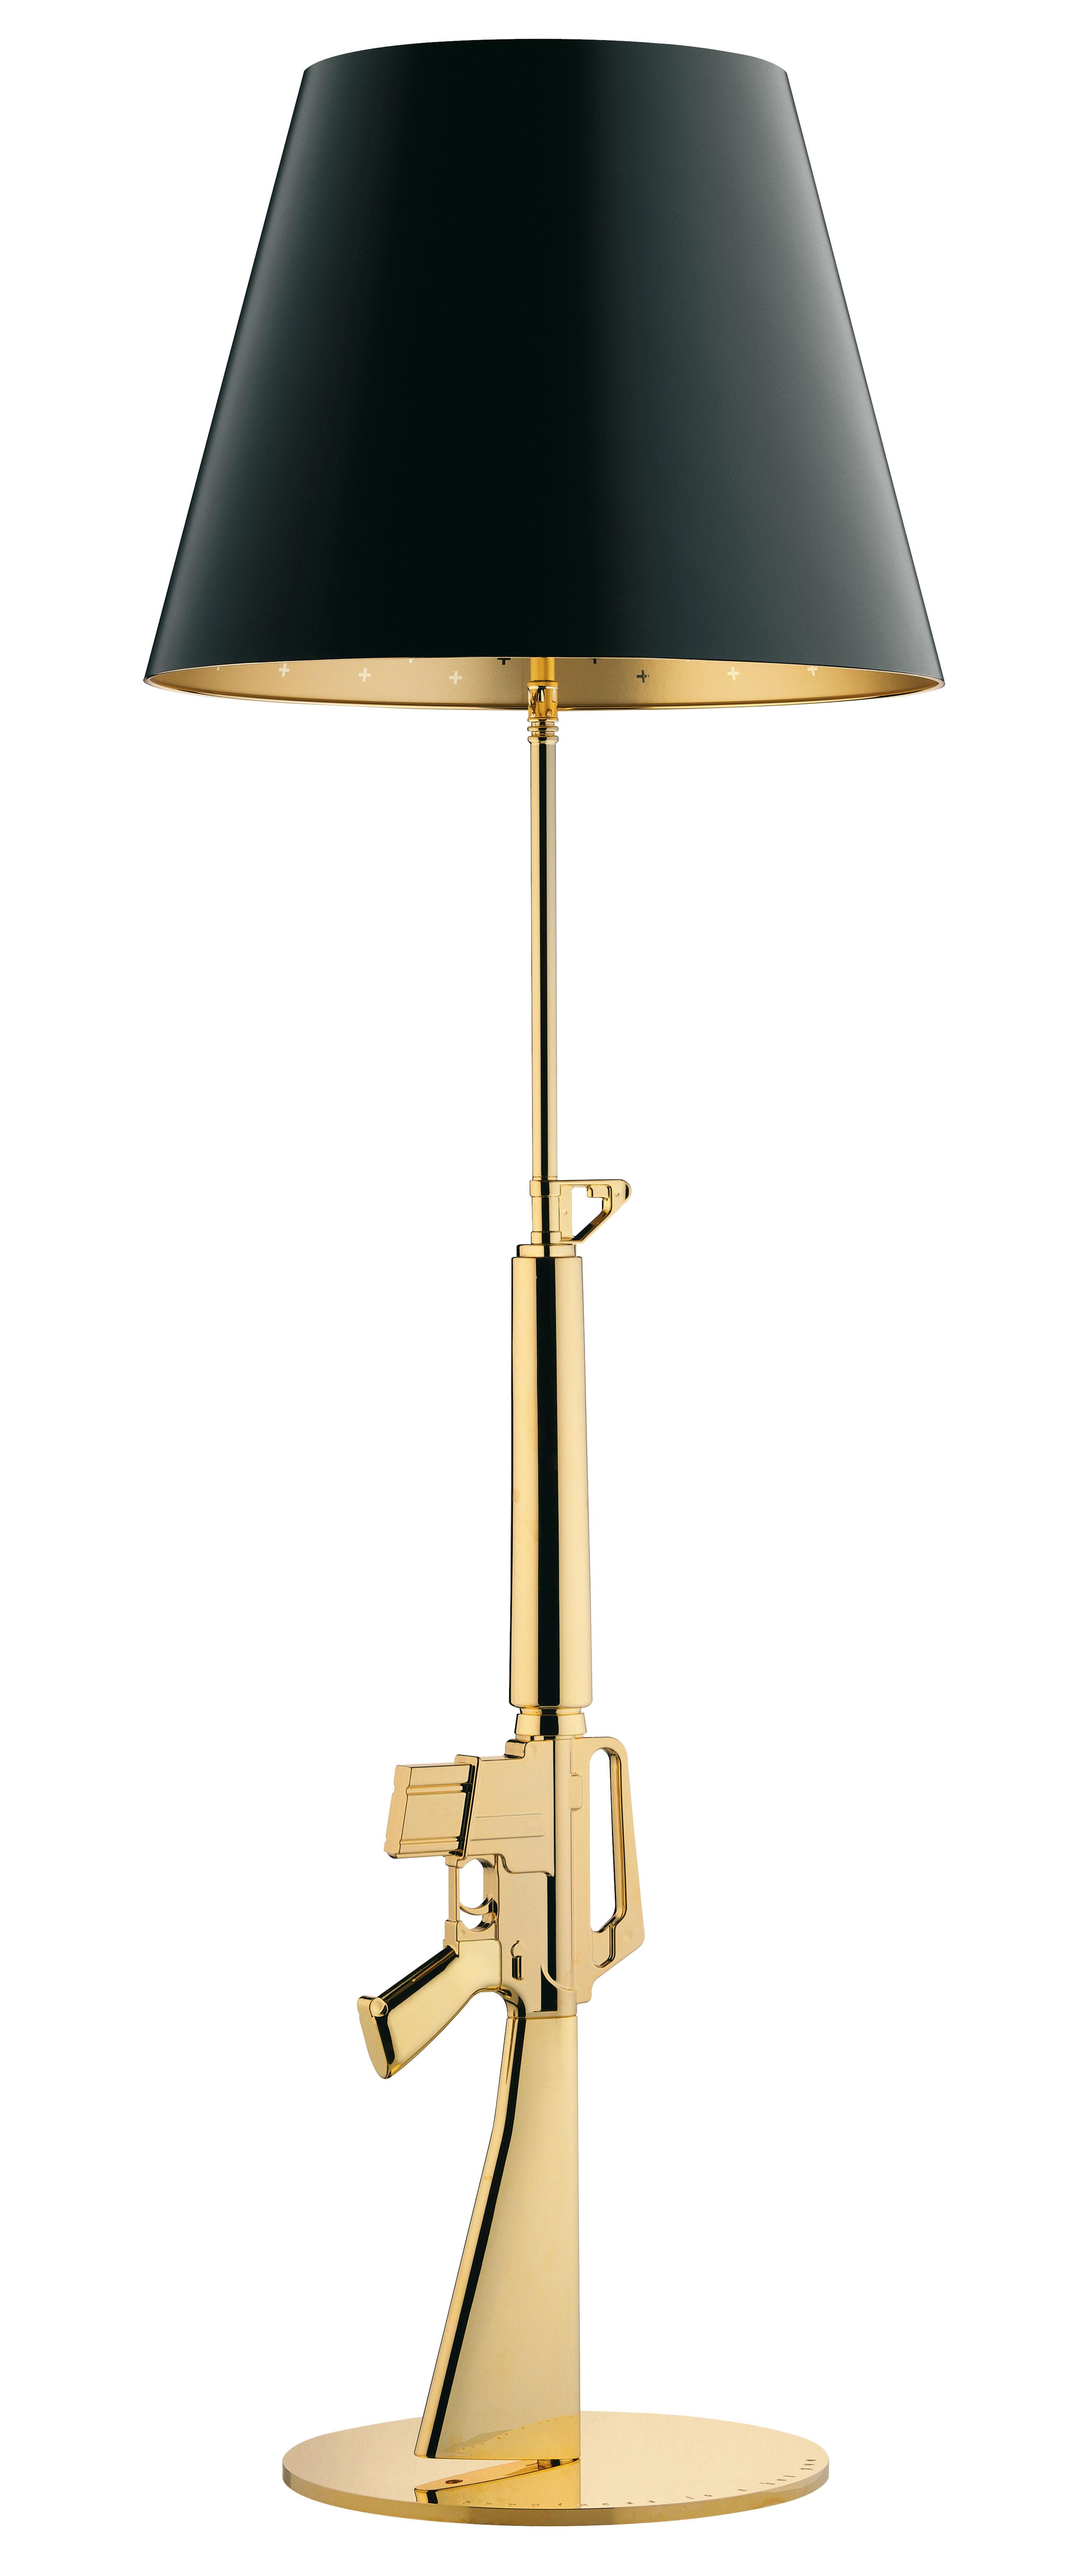 Luminaire - Lampadaires - Lampadaire Lounge Gun / H 169 cm - Or 18K - By Starck - Flos - Or 18K / Noir - Aluminium plaqué or 18 carats, Papier plastifié